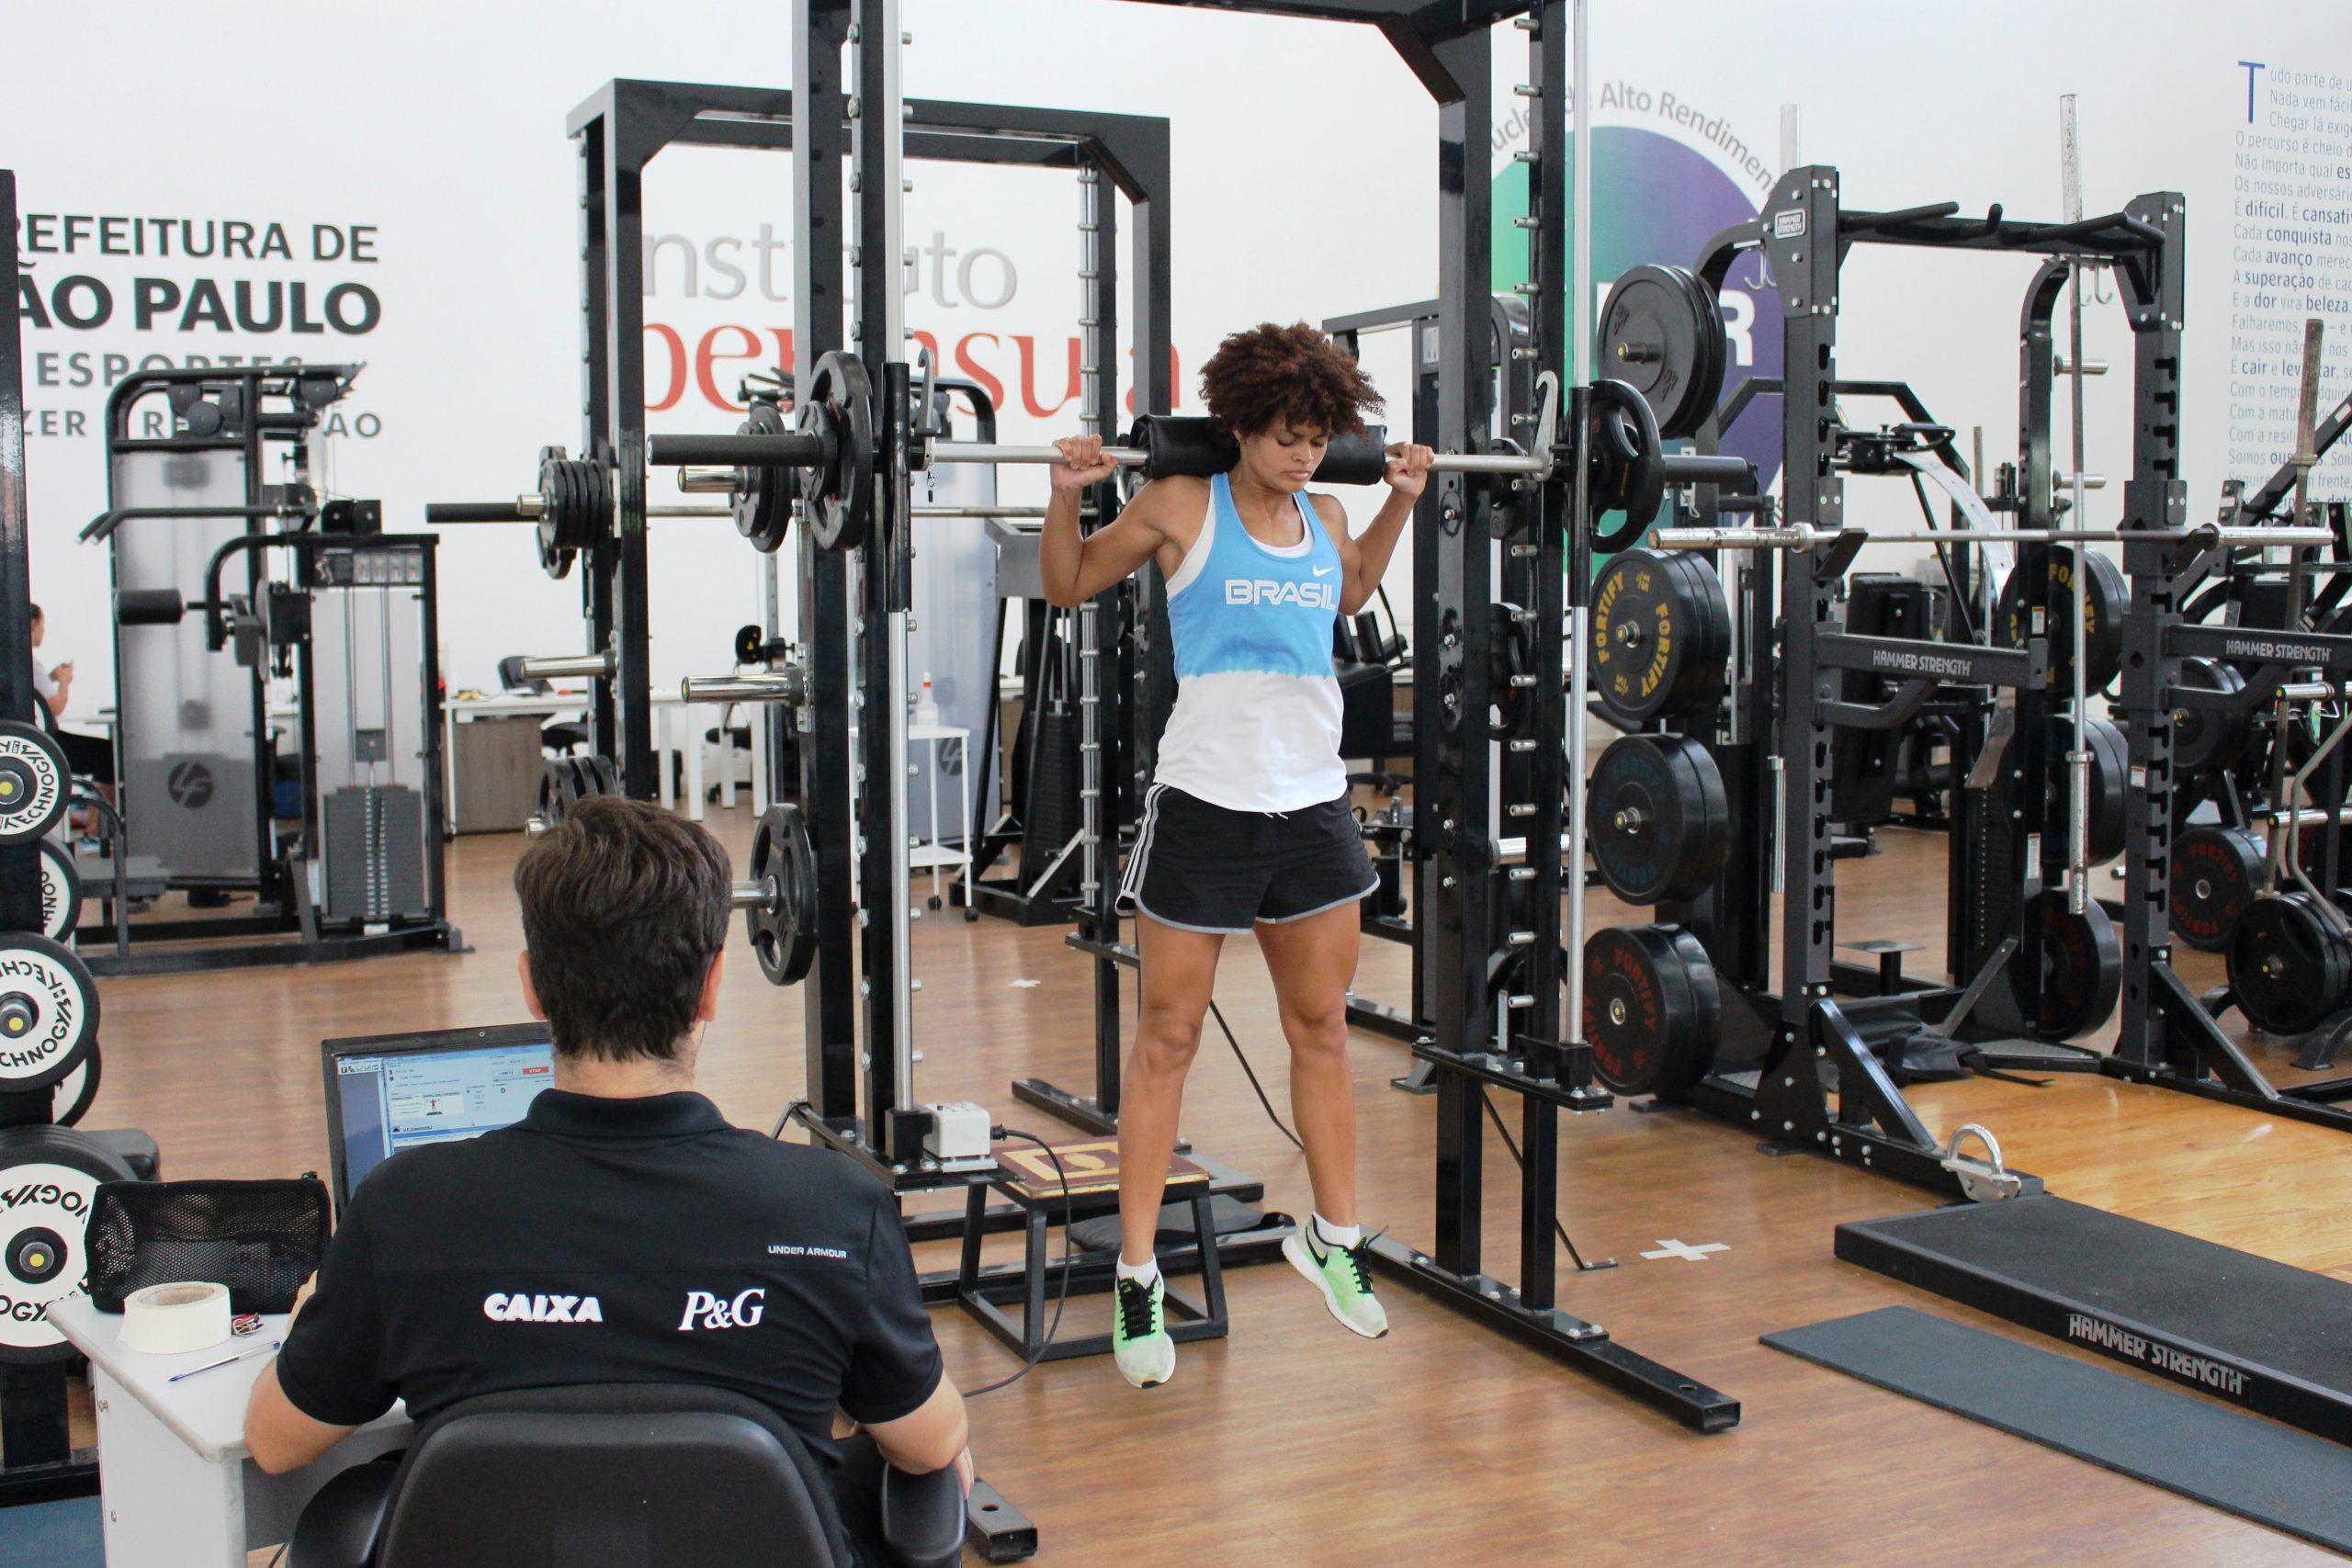 Esgrimista olímpica Bia Bulcão inicia preparação para 2018 no NAR-SP